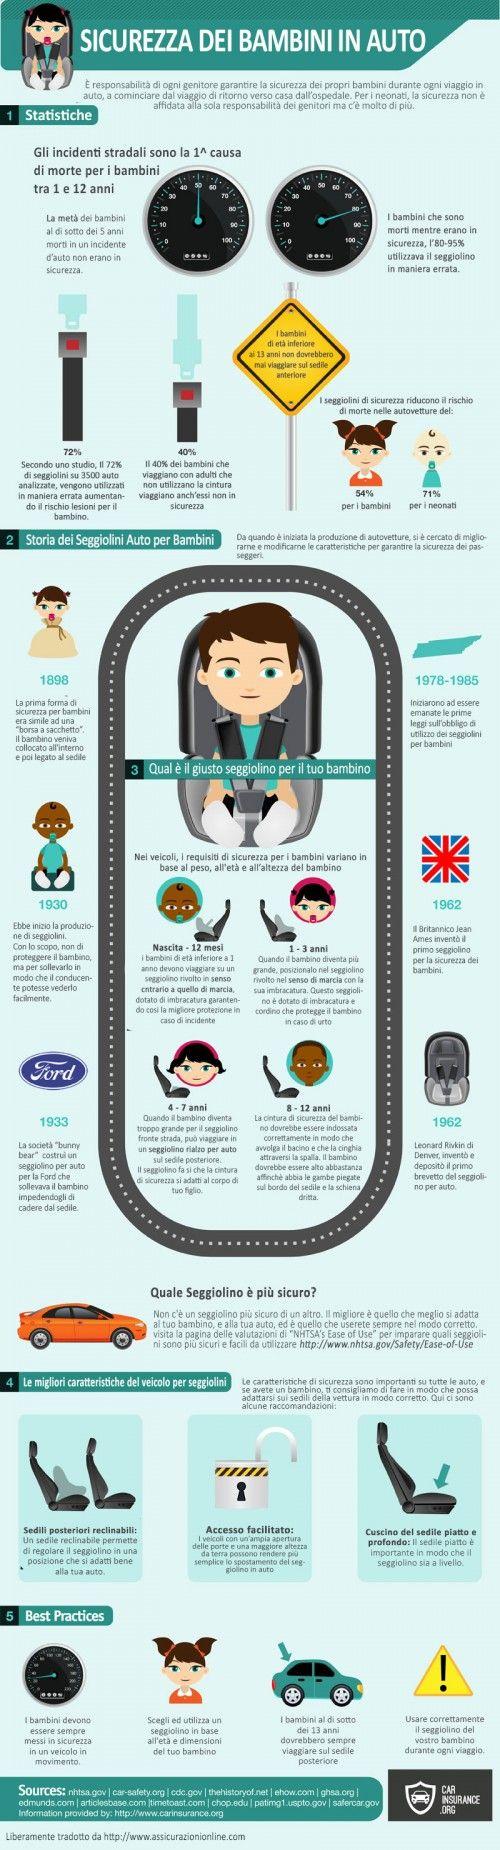 Sicurezza dei bambini in auto #infografica